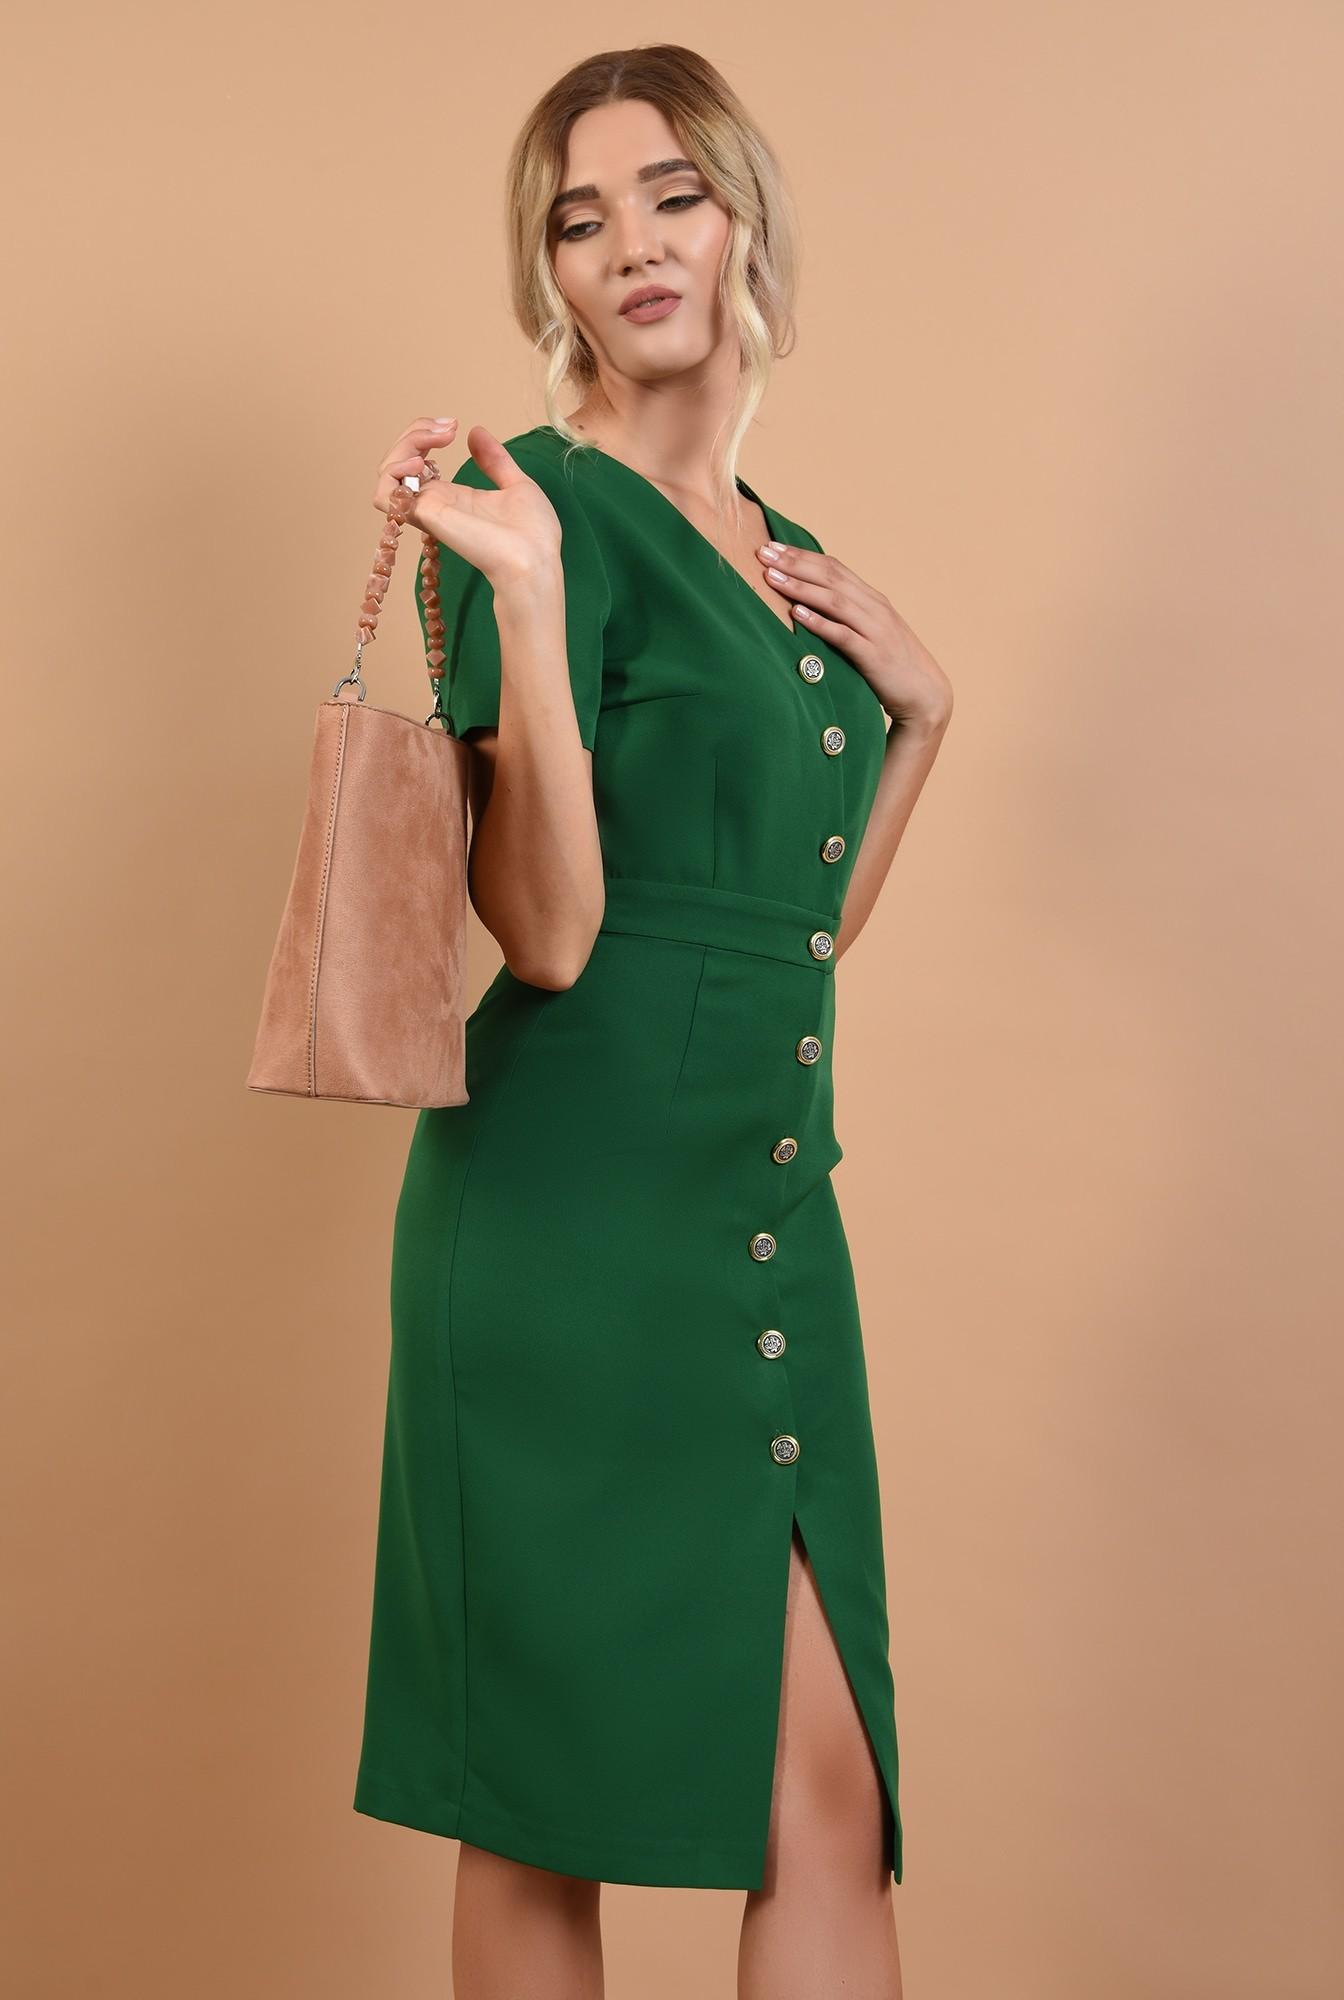 0 - 360 - rochie office online, midi, verde, cu nasturi, Poema